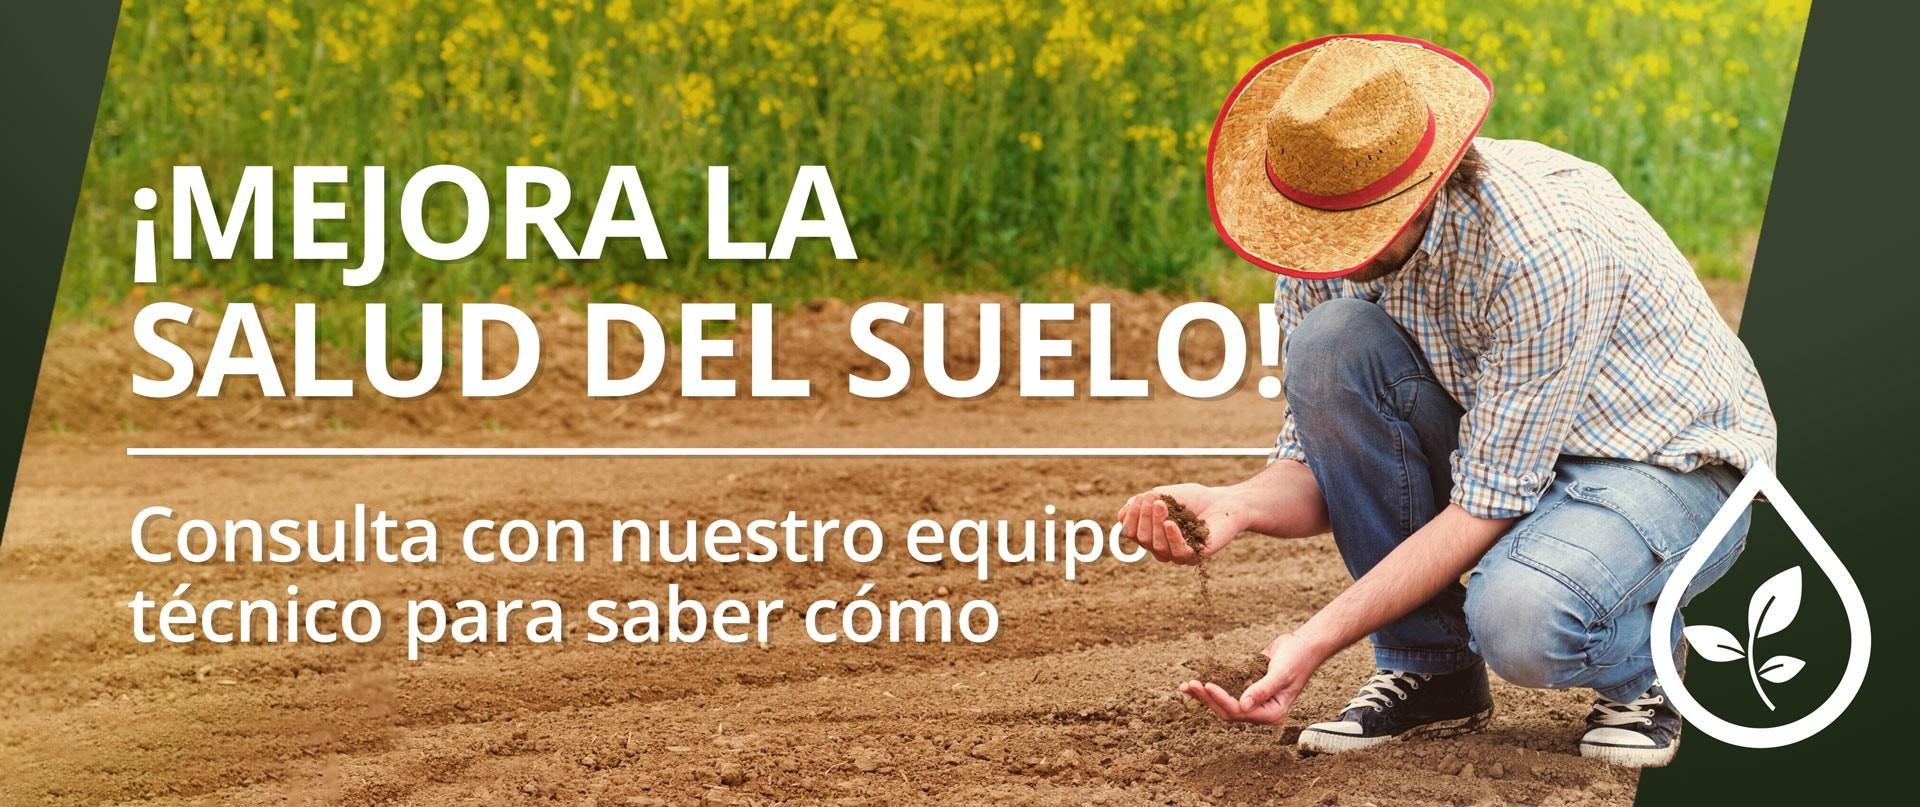 Mejora la salud de tu suelo